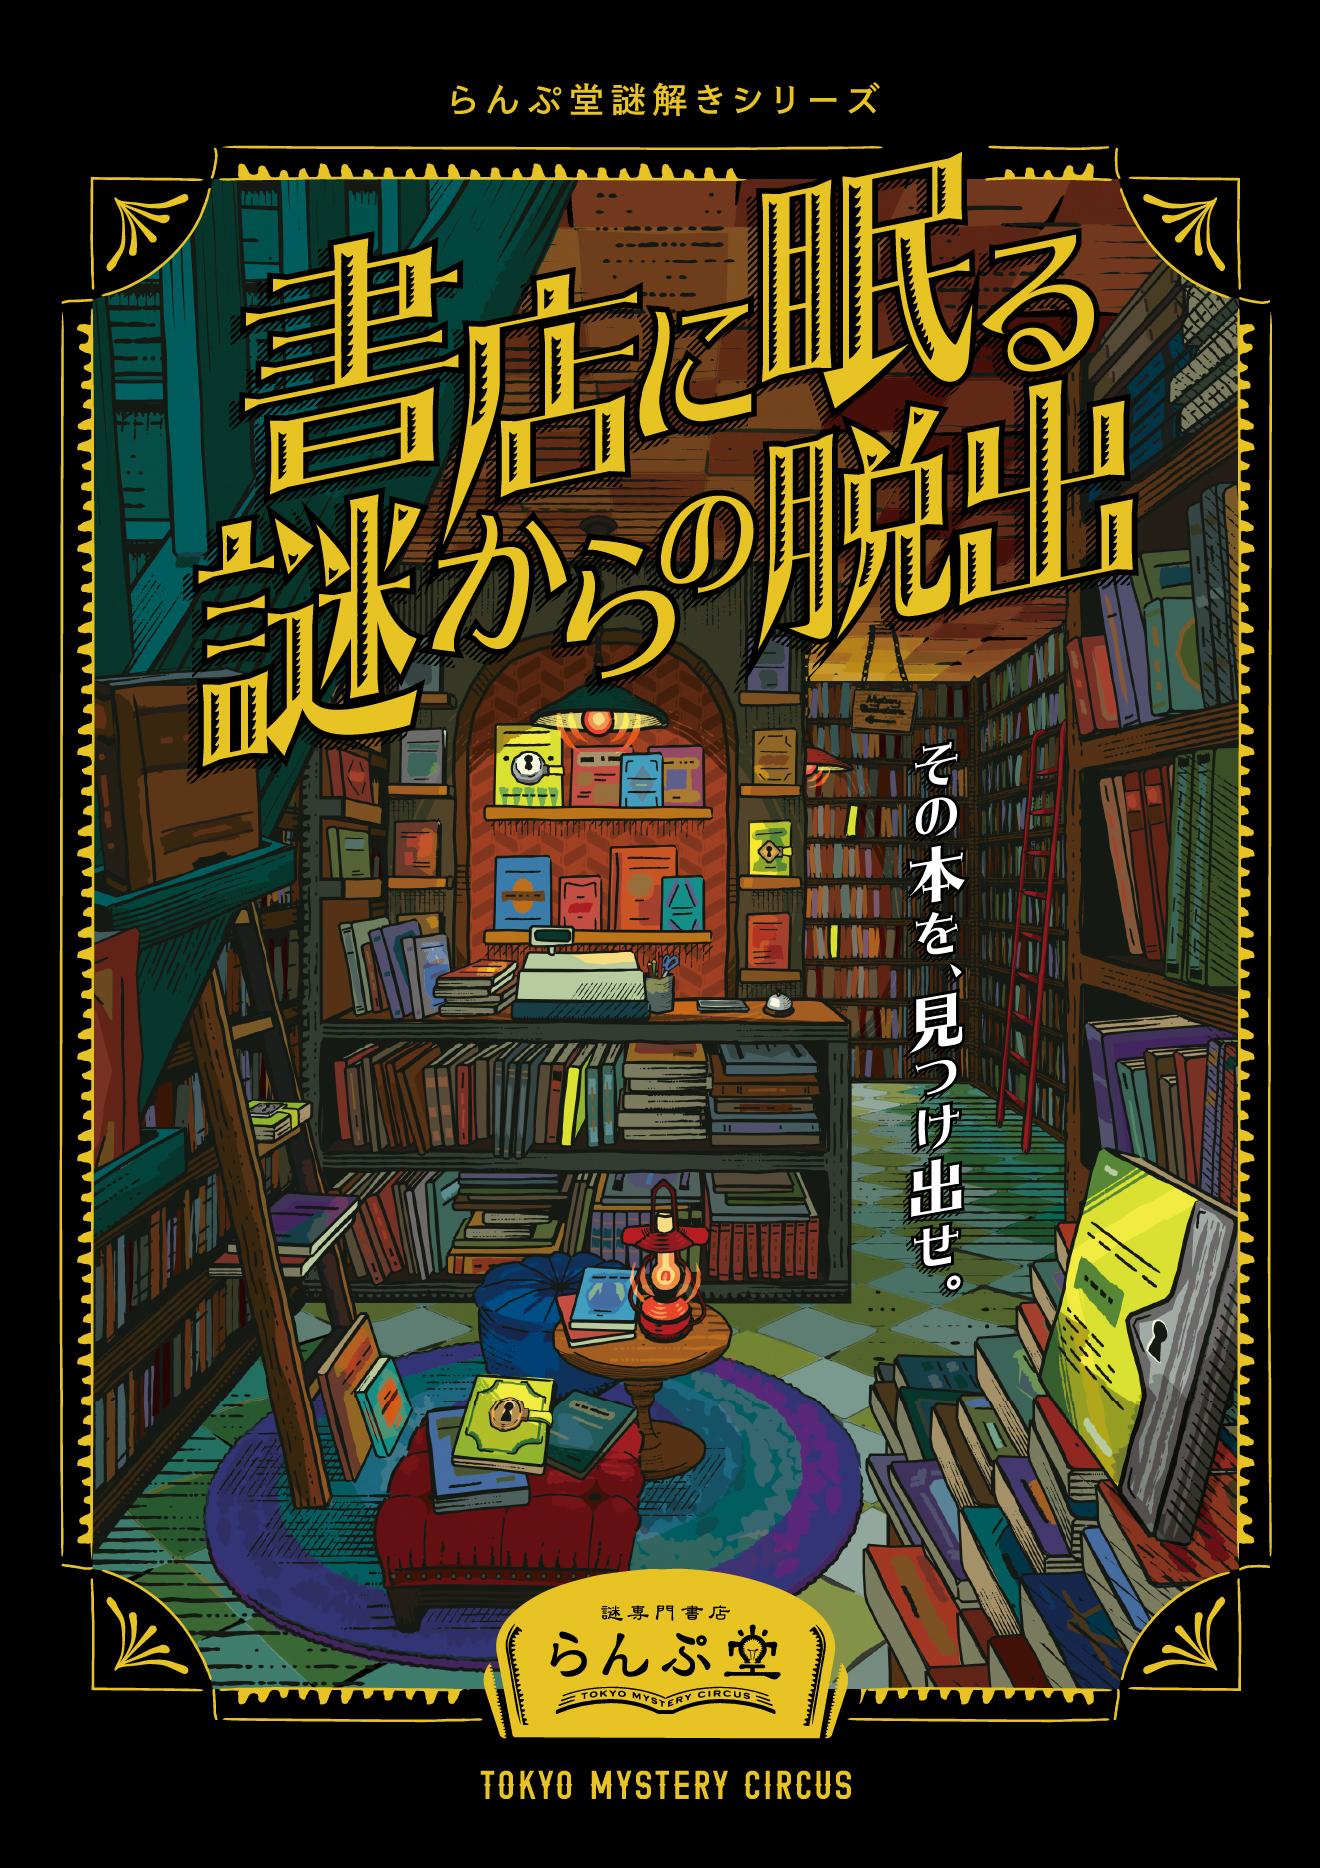 書店に眠る謎からの脱出